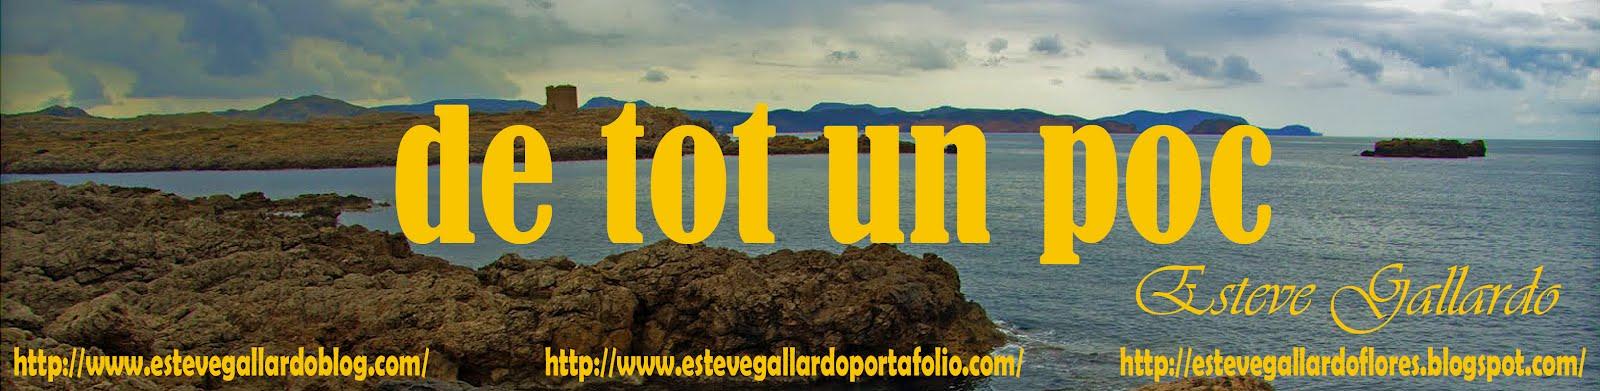 DE TOT UN POC D´EN ESTEVE GALLARDO